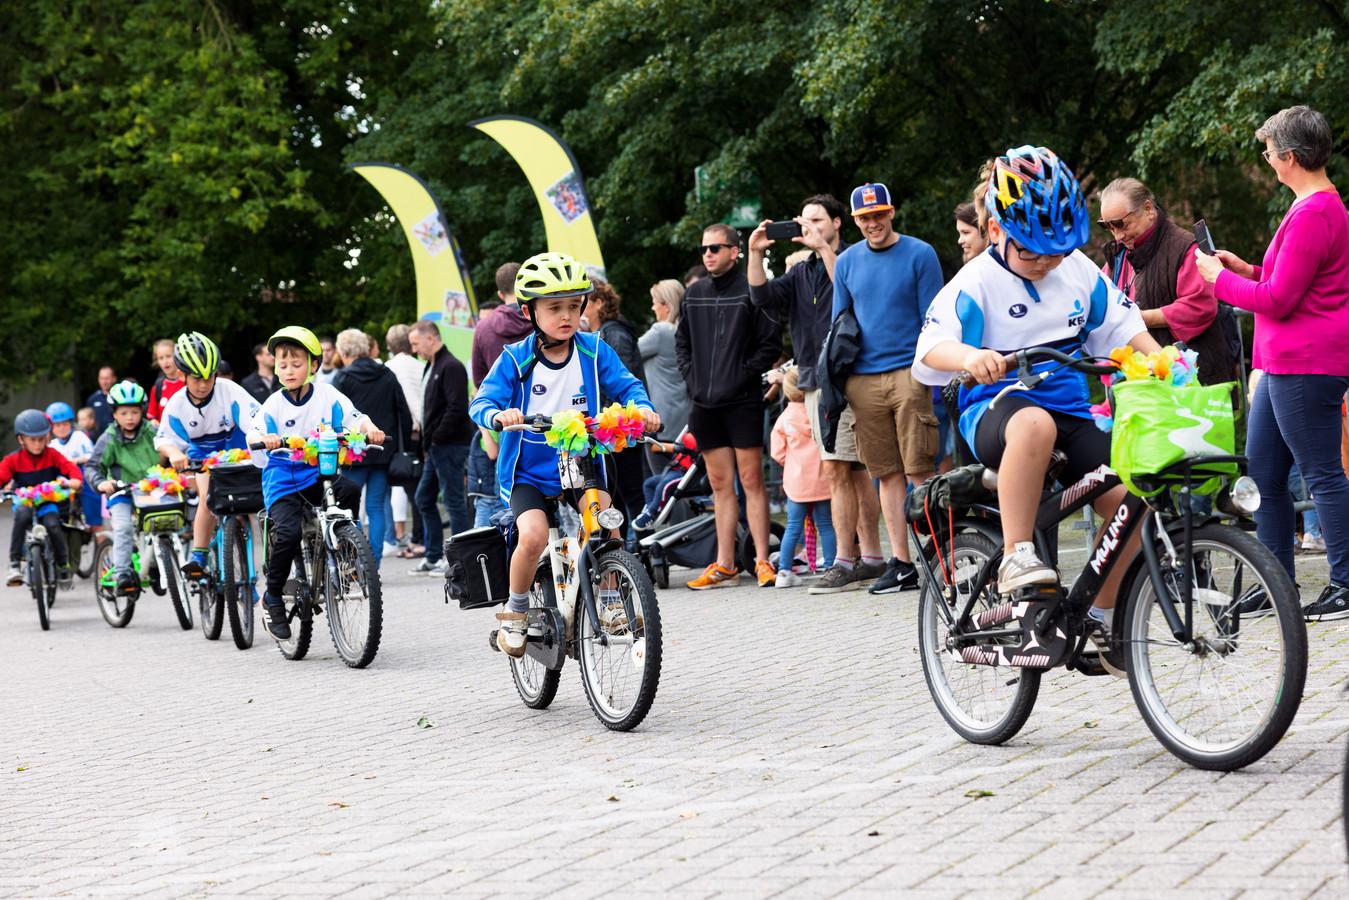 De Wielerzesdaagse van Baarle-Nassau-Hertog beleefde zaterdag de slotdag.